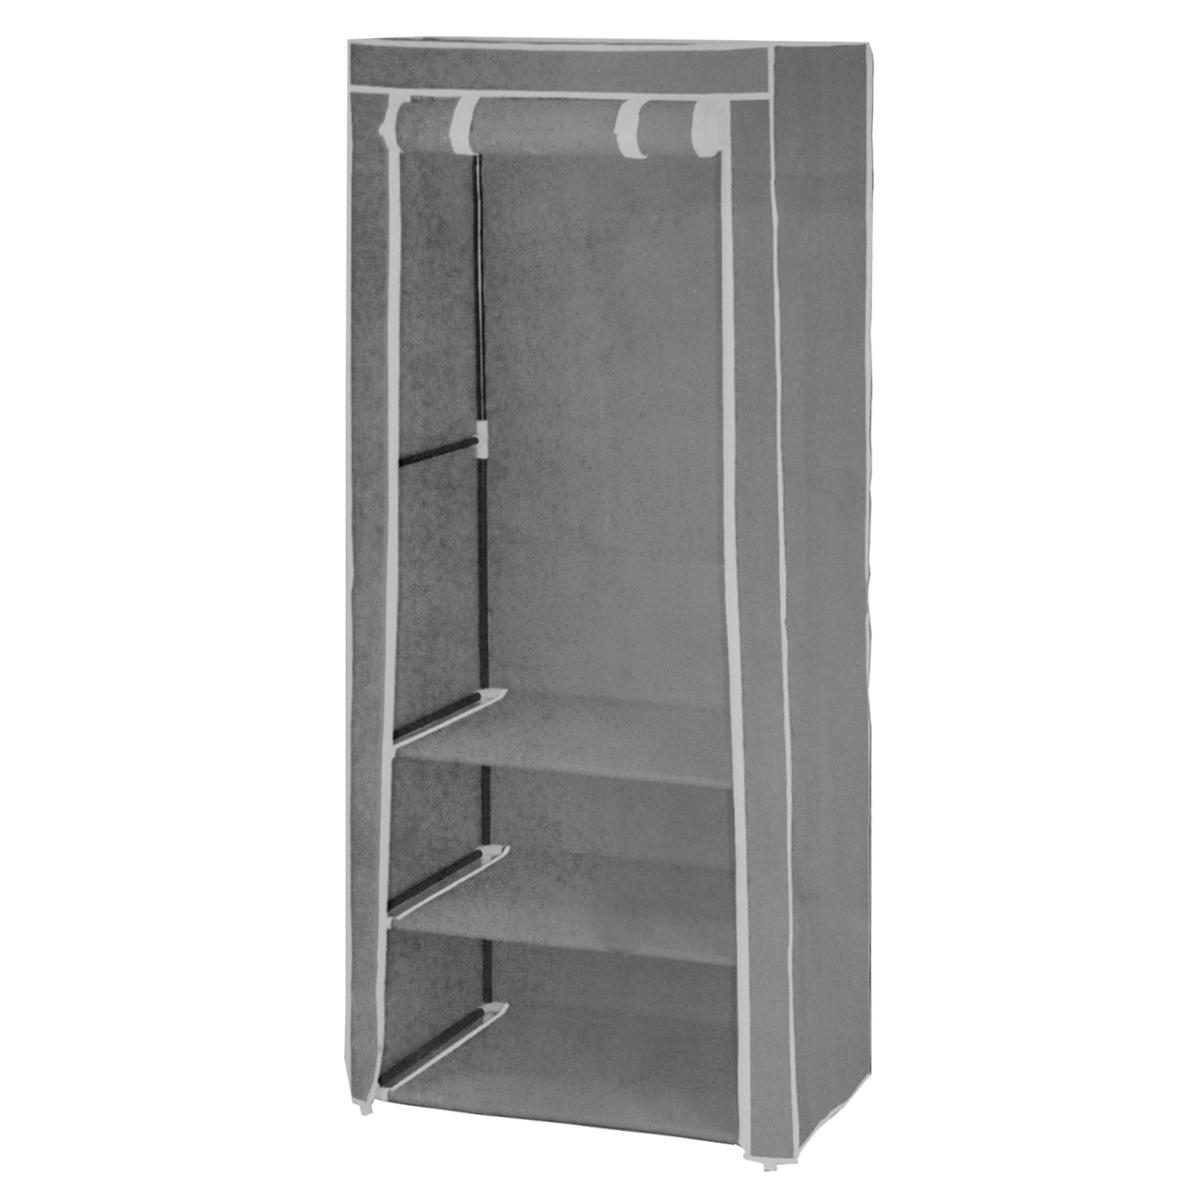 Мобильный шкаф для хранения, цвет: серый, 61 х 45 х 155 см ( WD-5113-C1 )